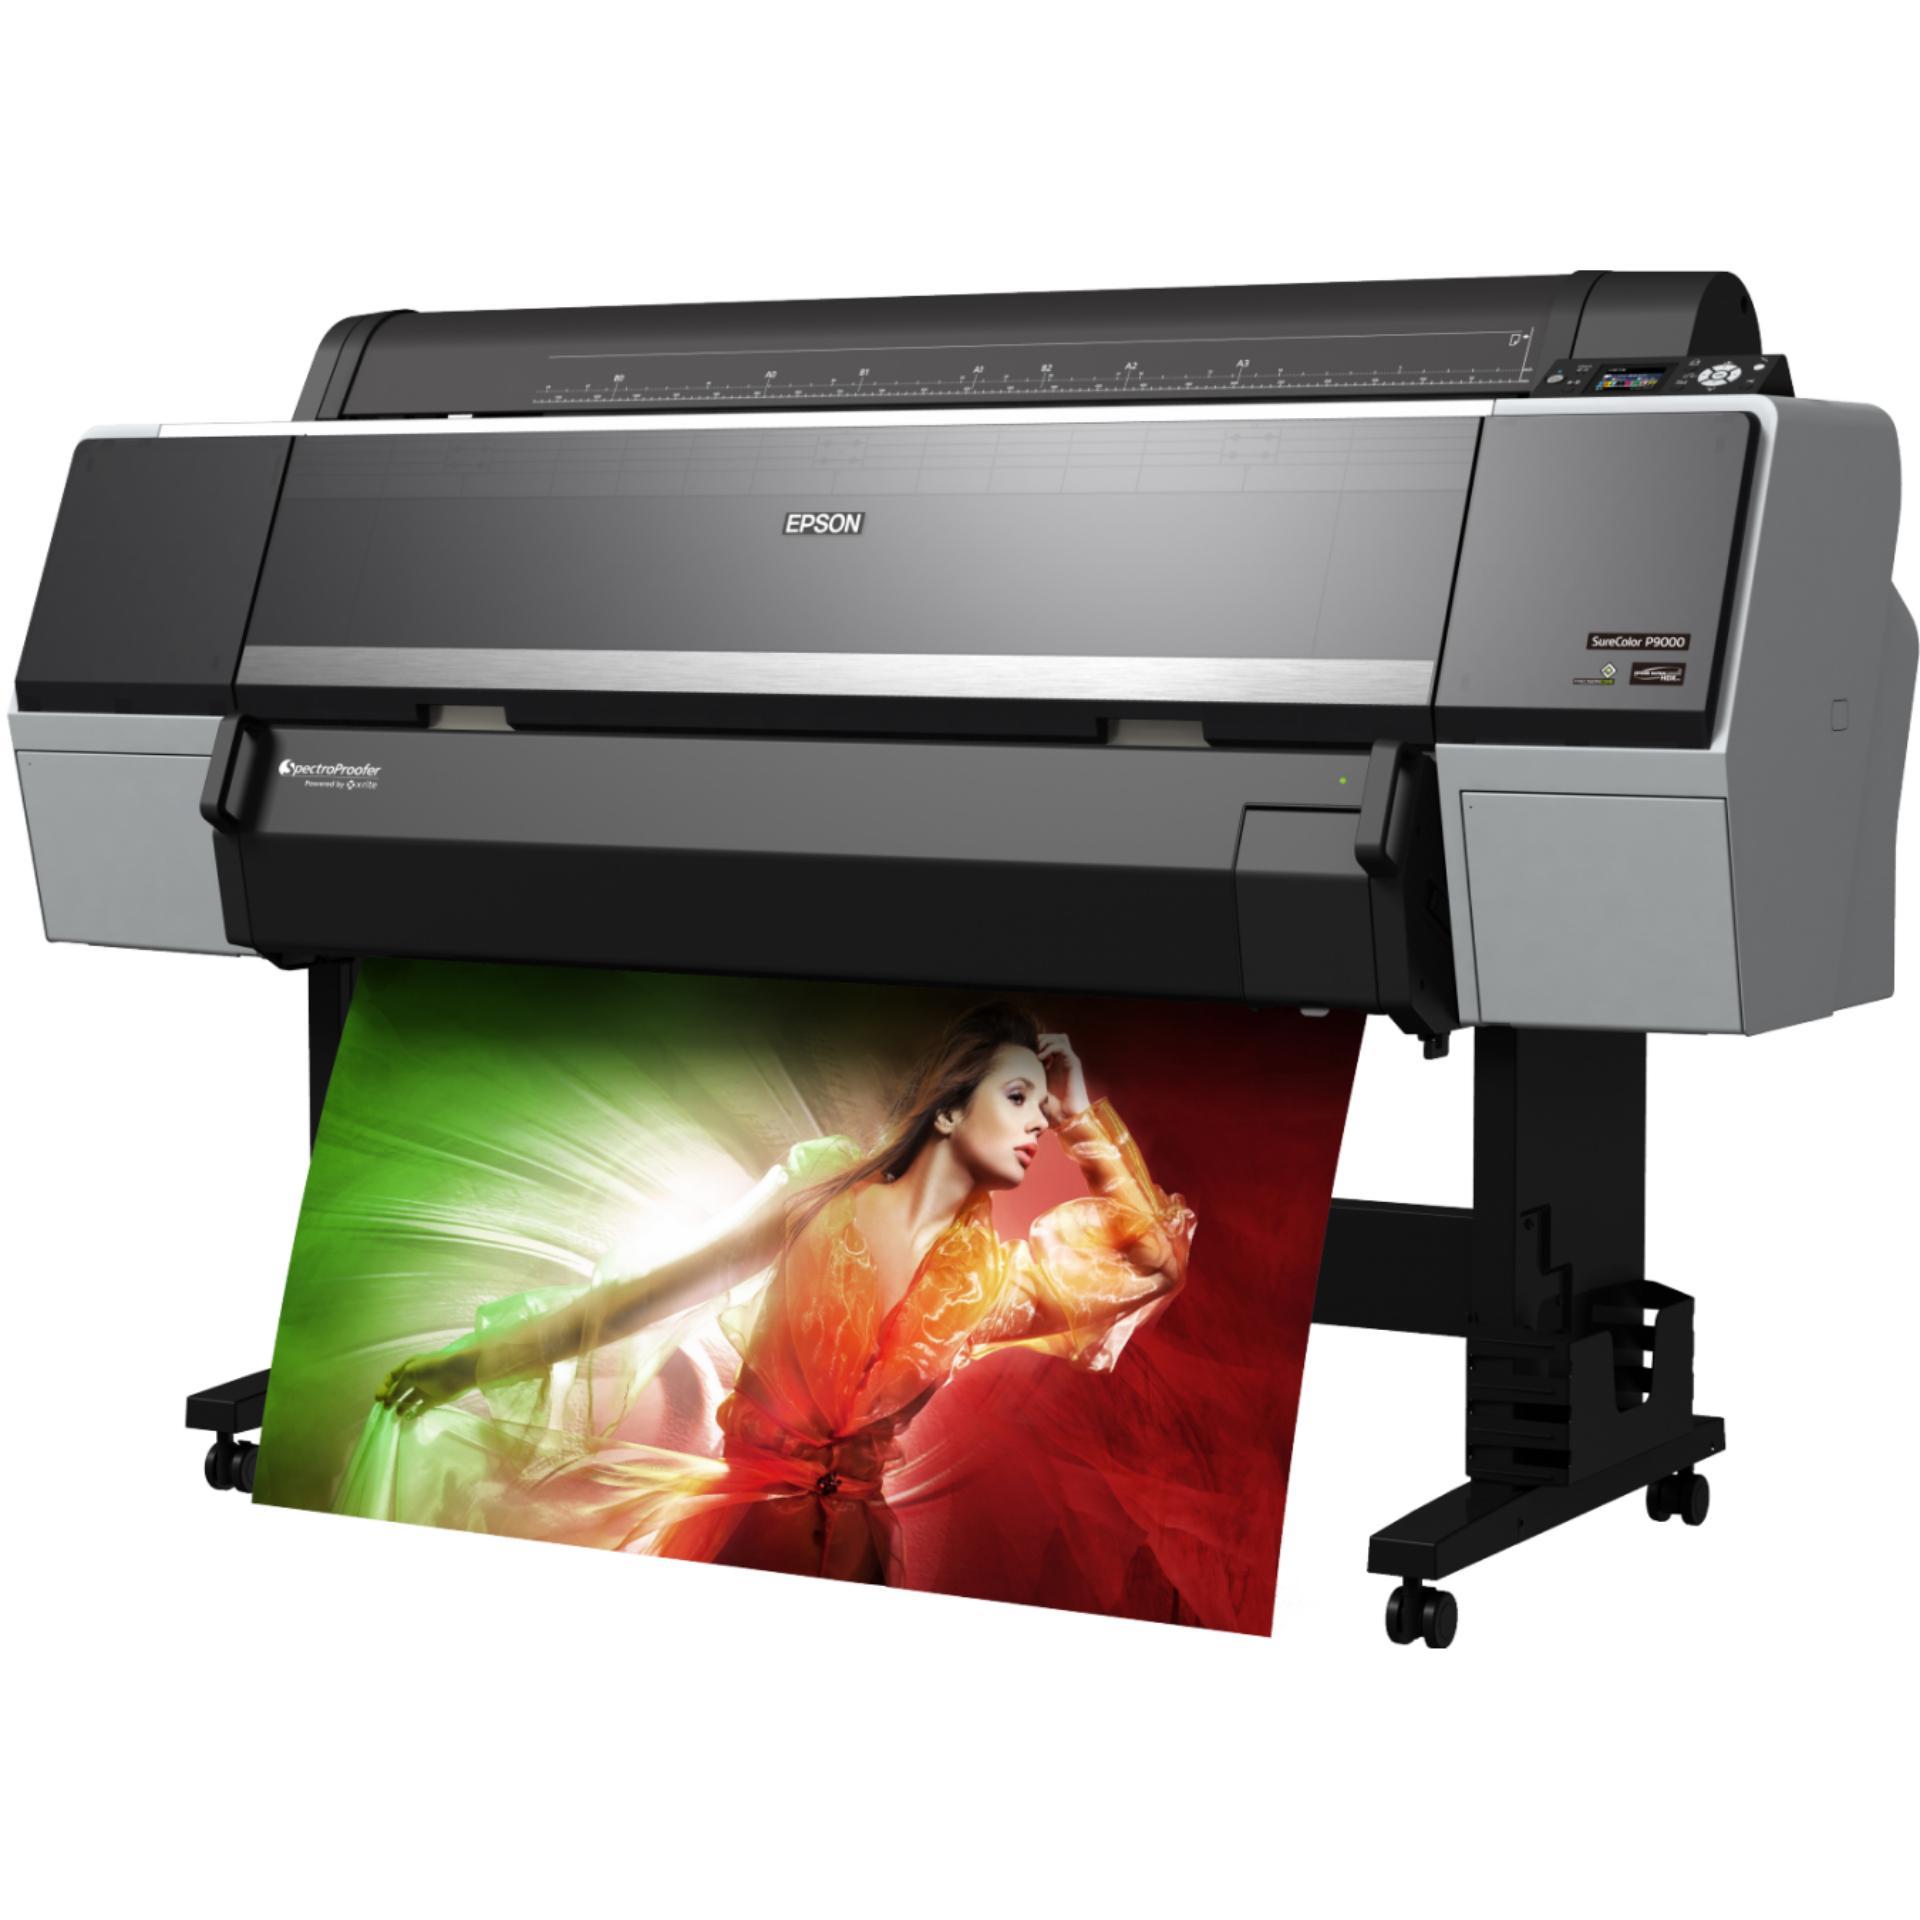 Epson Surecolor Sc-P9000 Violet Version Printer